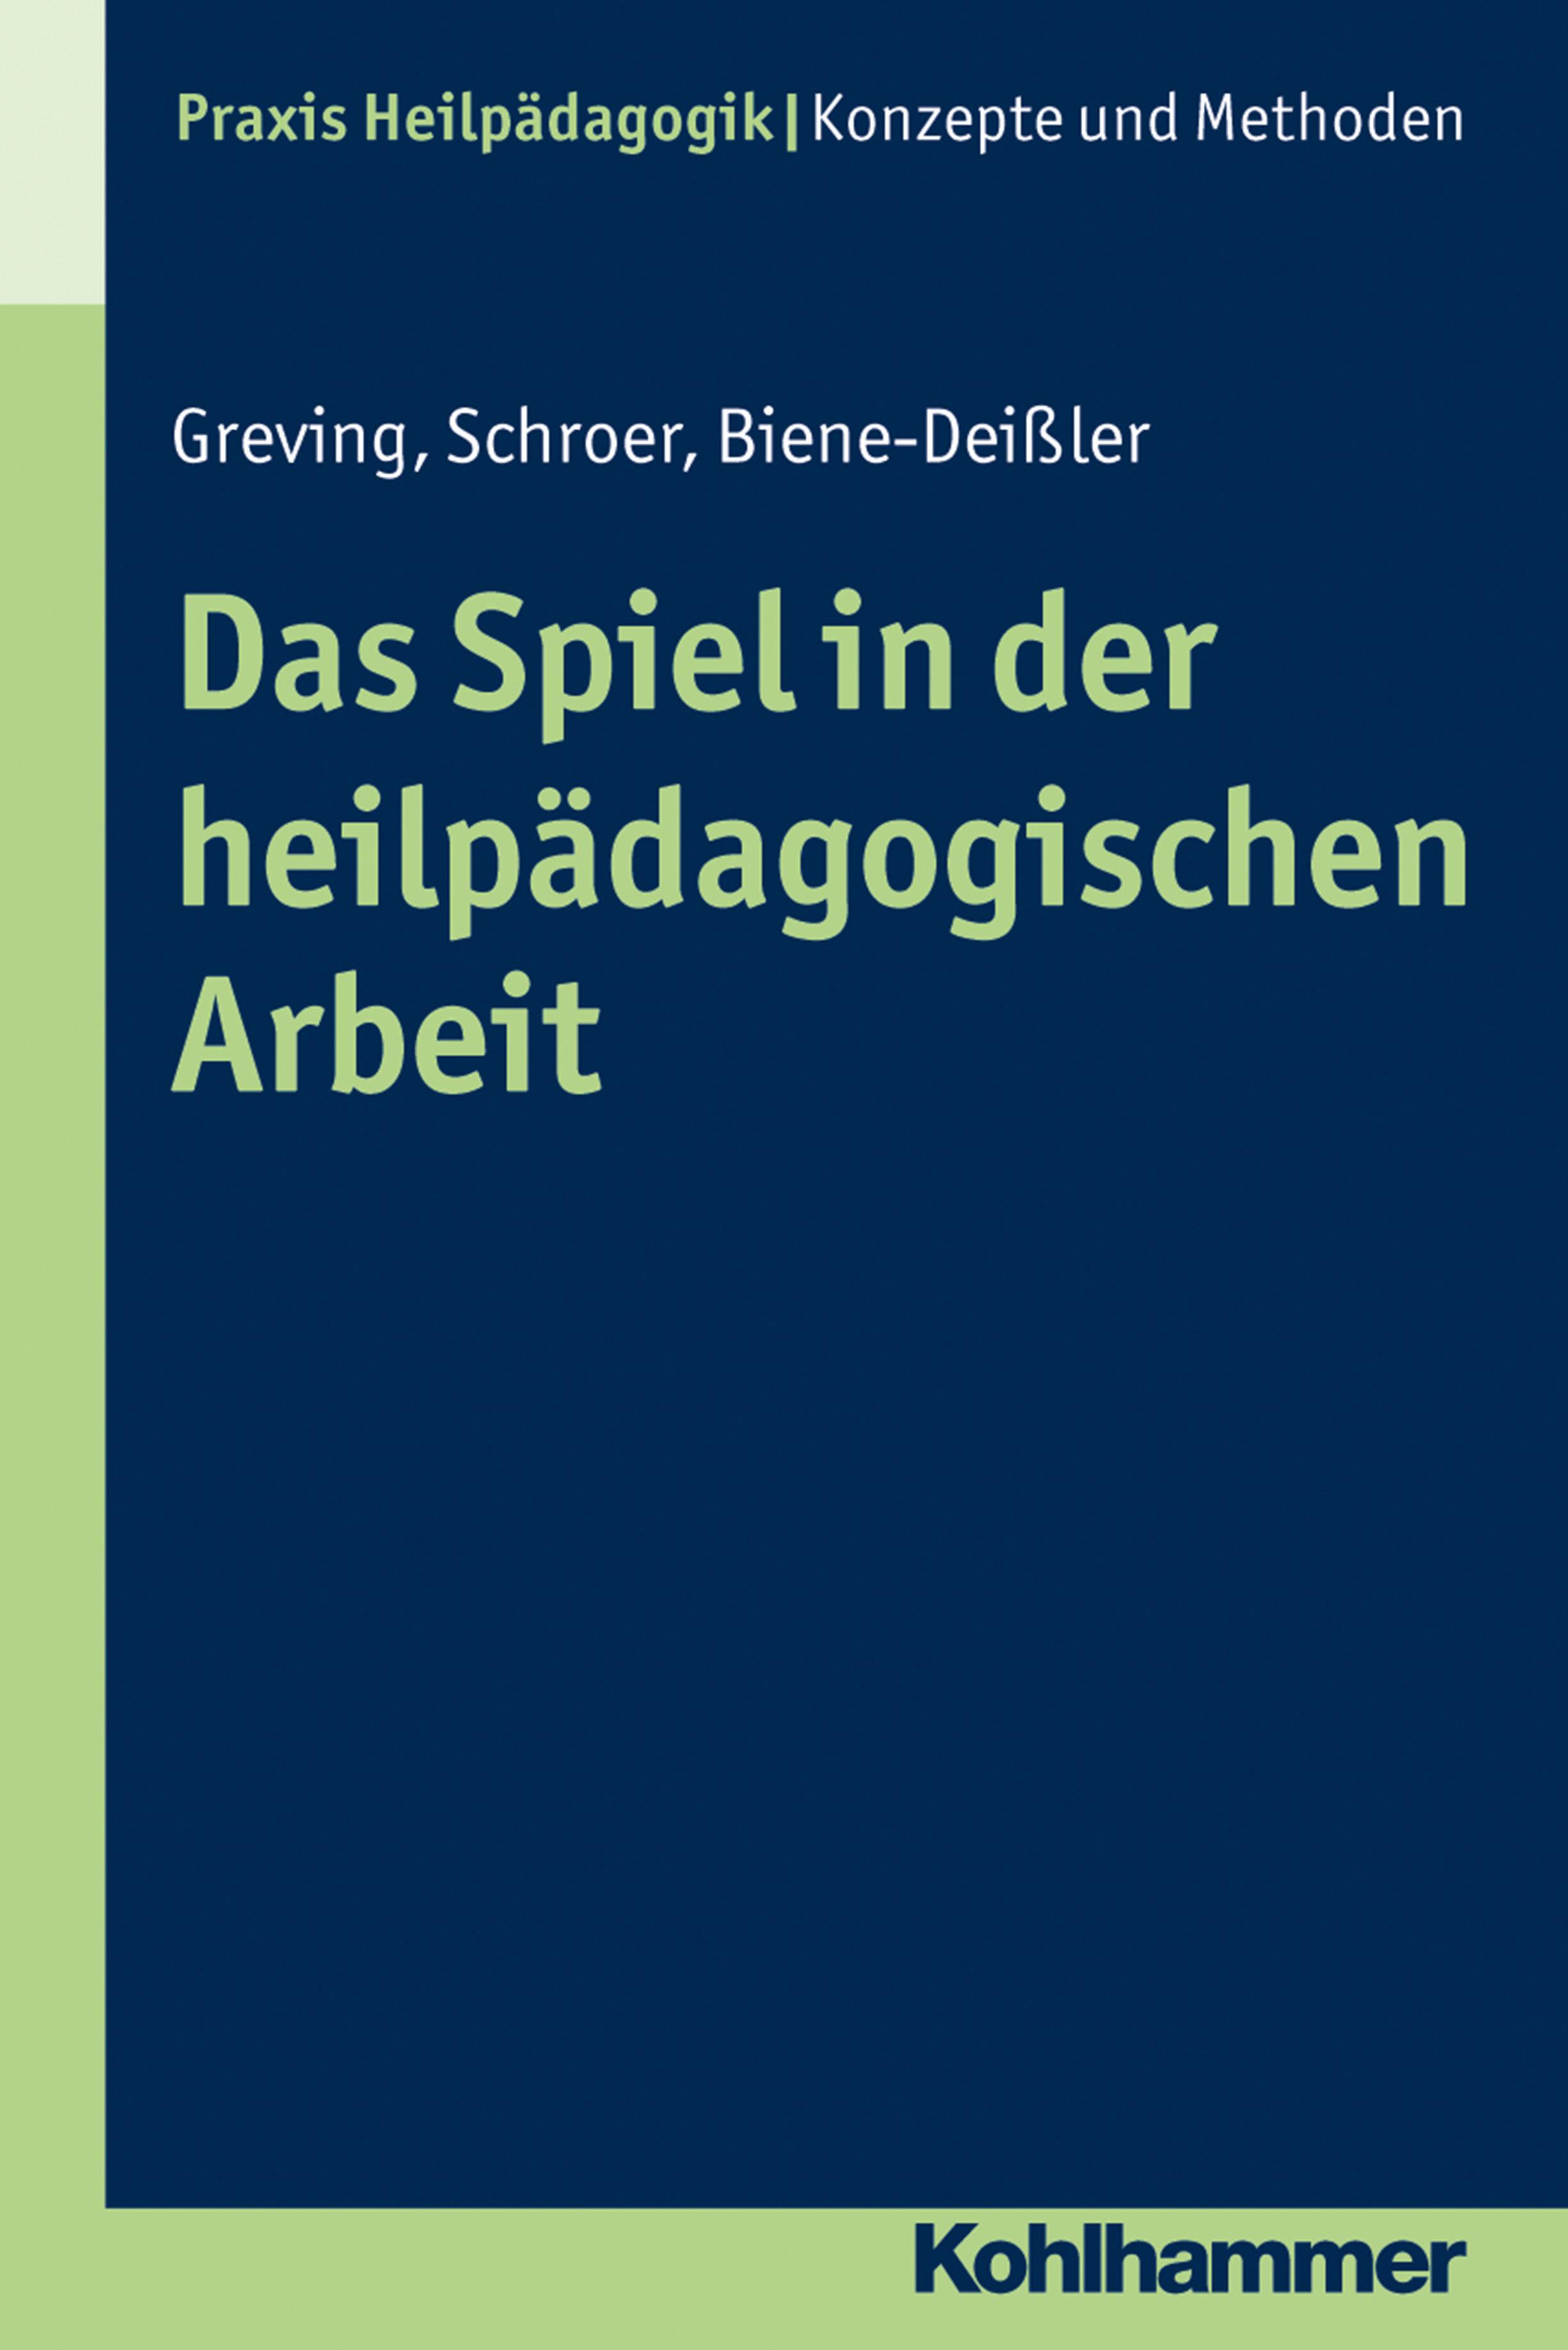 Das Spiel In Der Heilpädagogischen Arbeit   por Barbara Schroer, Elke Biene-deissler, Heinrich Greving epub